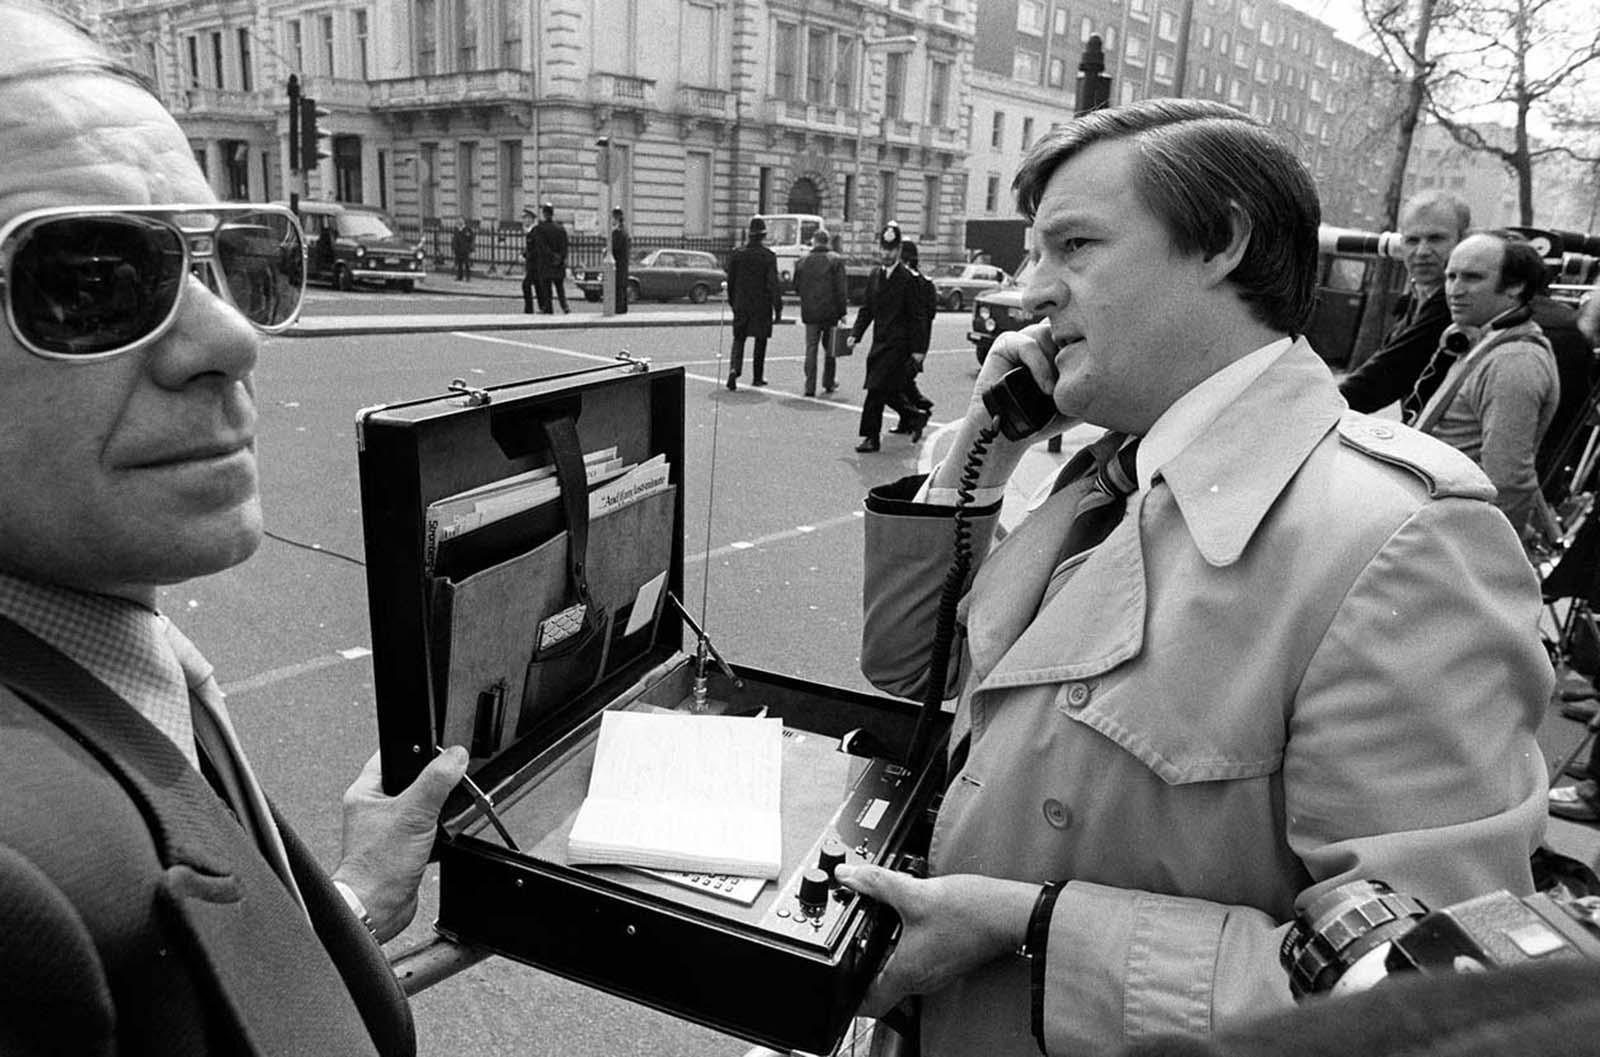 Um celular antigo usado por um repórter, Kensington, Londres. 1983.